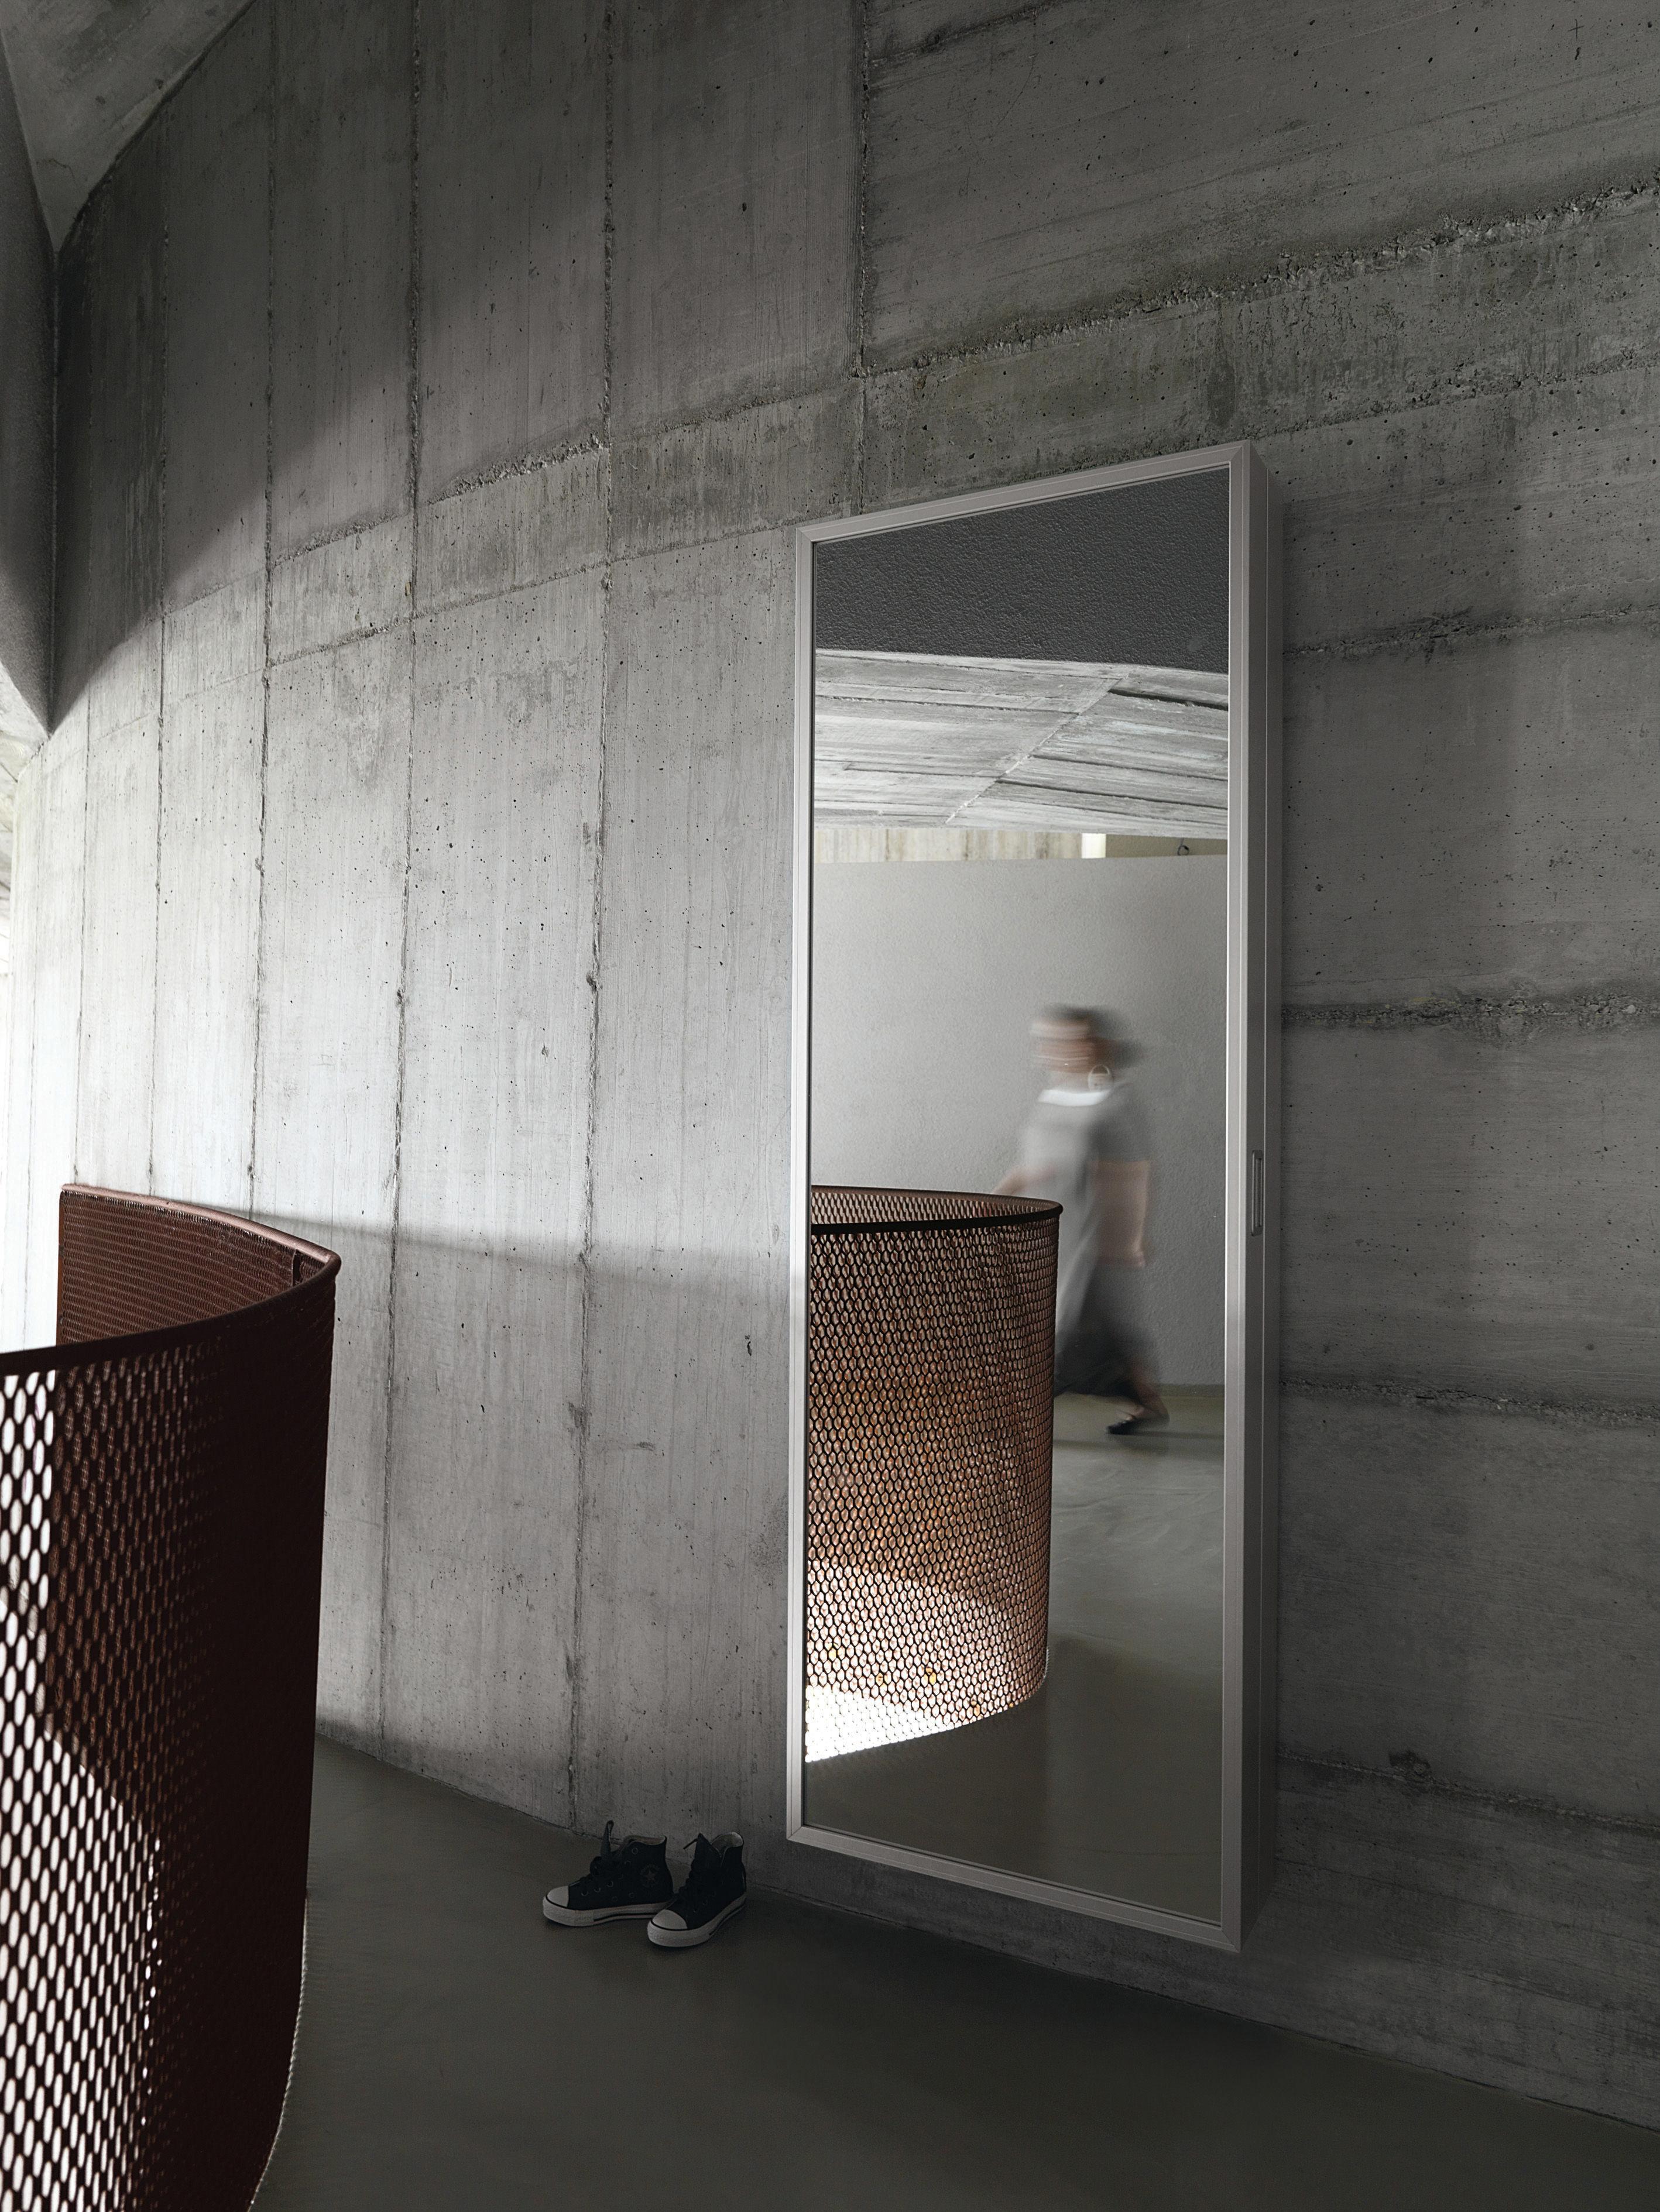 Scopri meuble chaussures foot box alluminio specchio - Alluminio lucidato a specchio ...